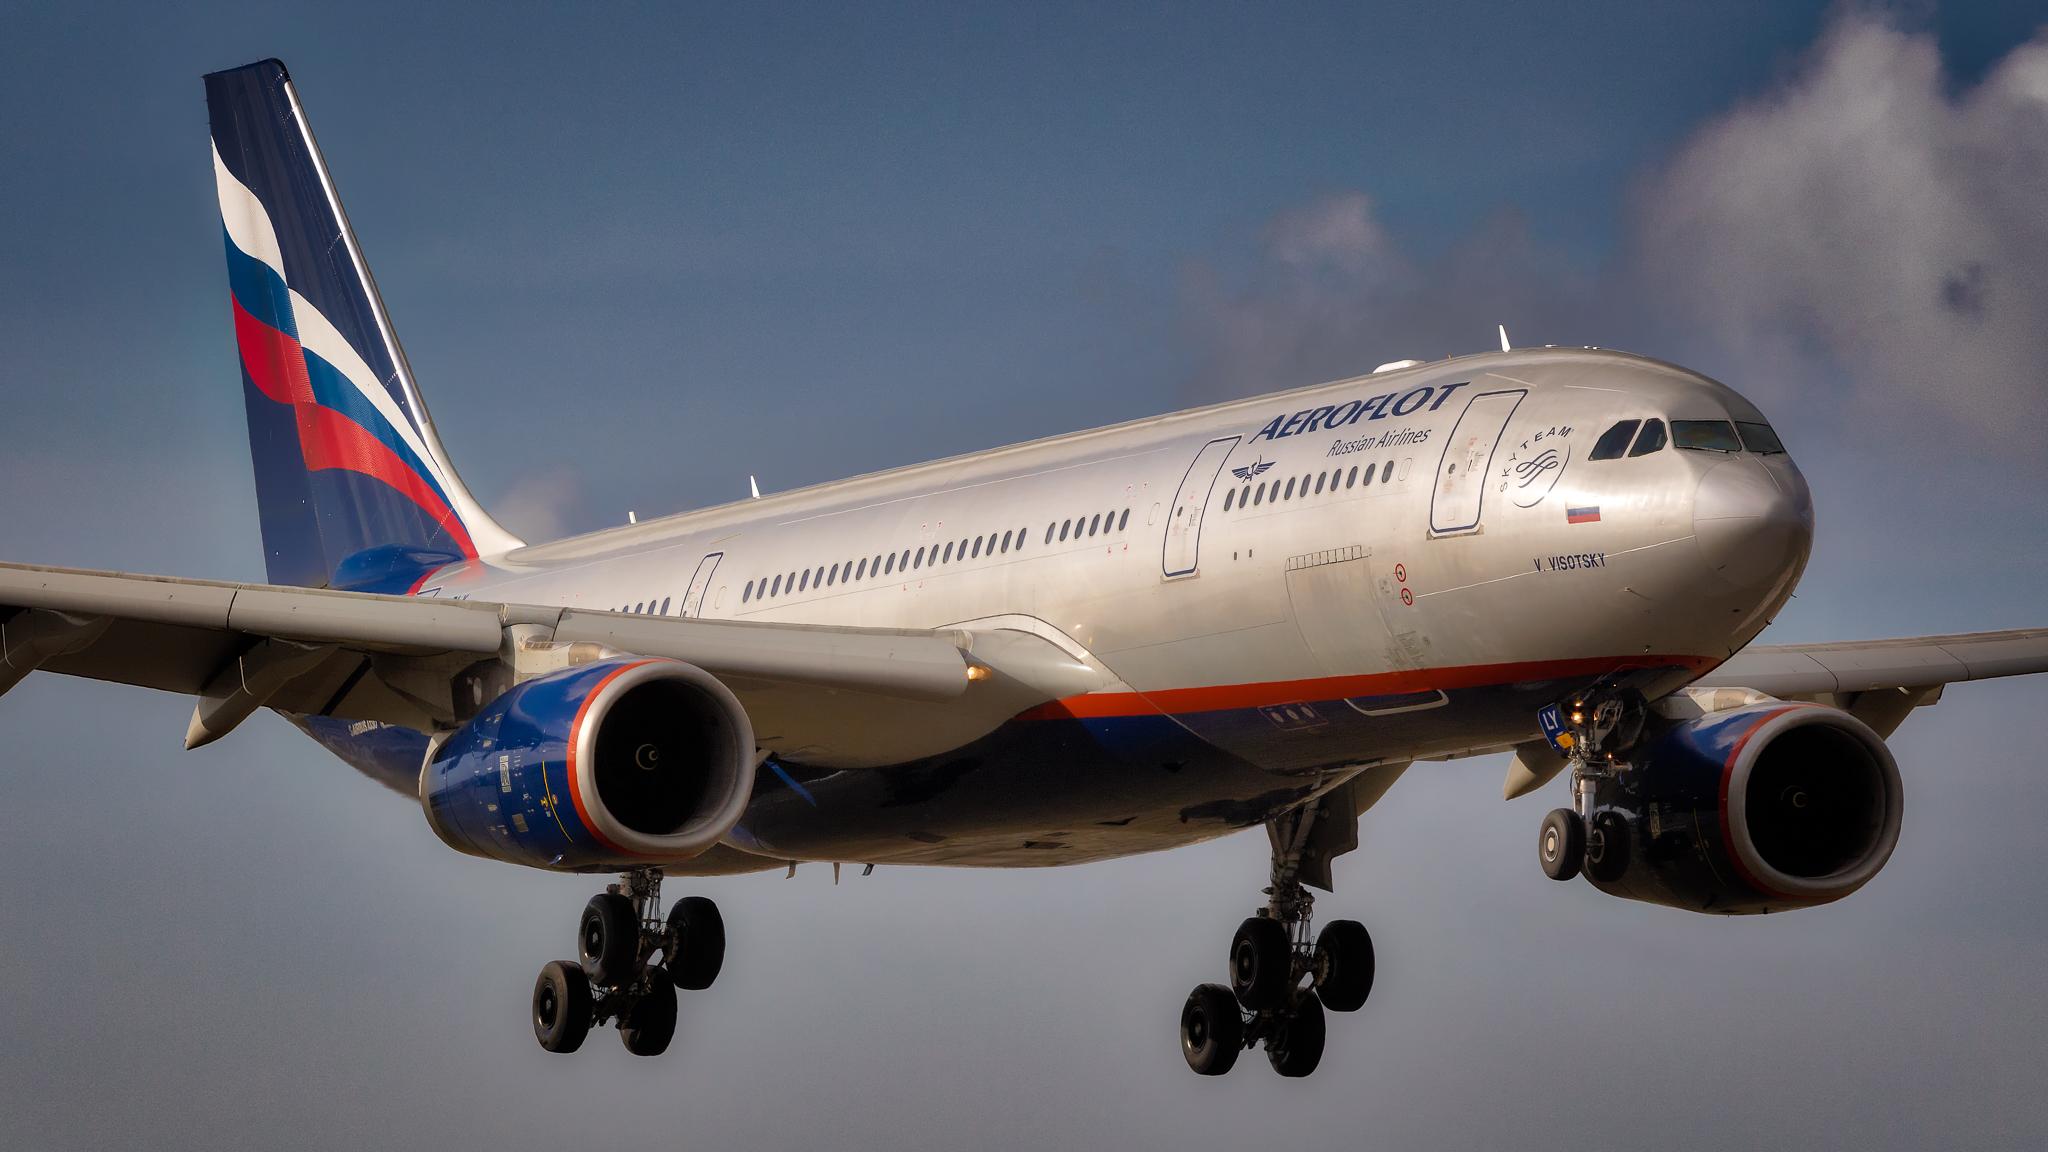 Nein, Polen hat die Benutzung seines Luftraums den Russen nicht verweigert